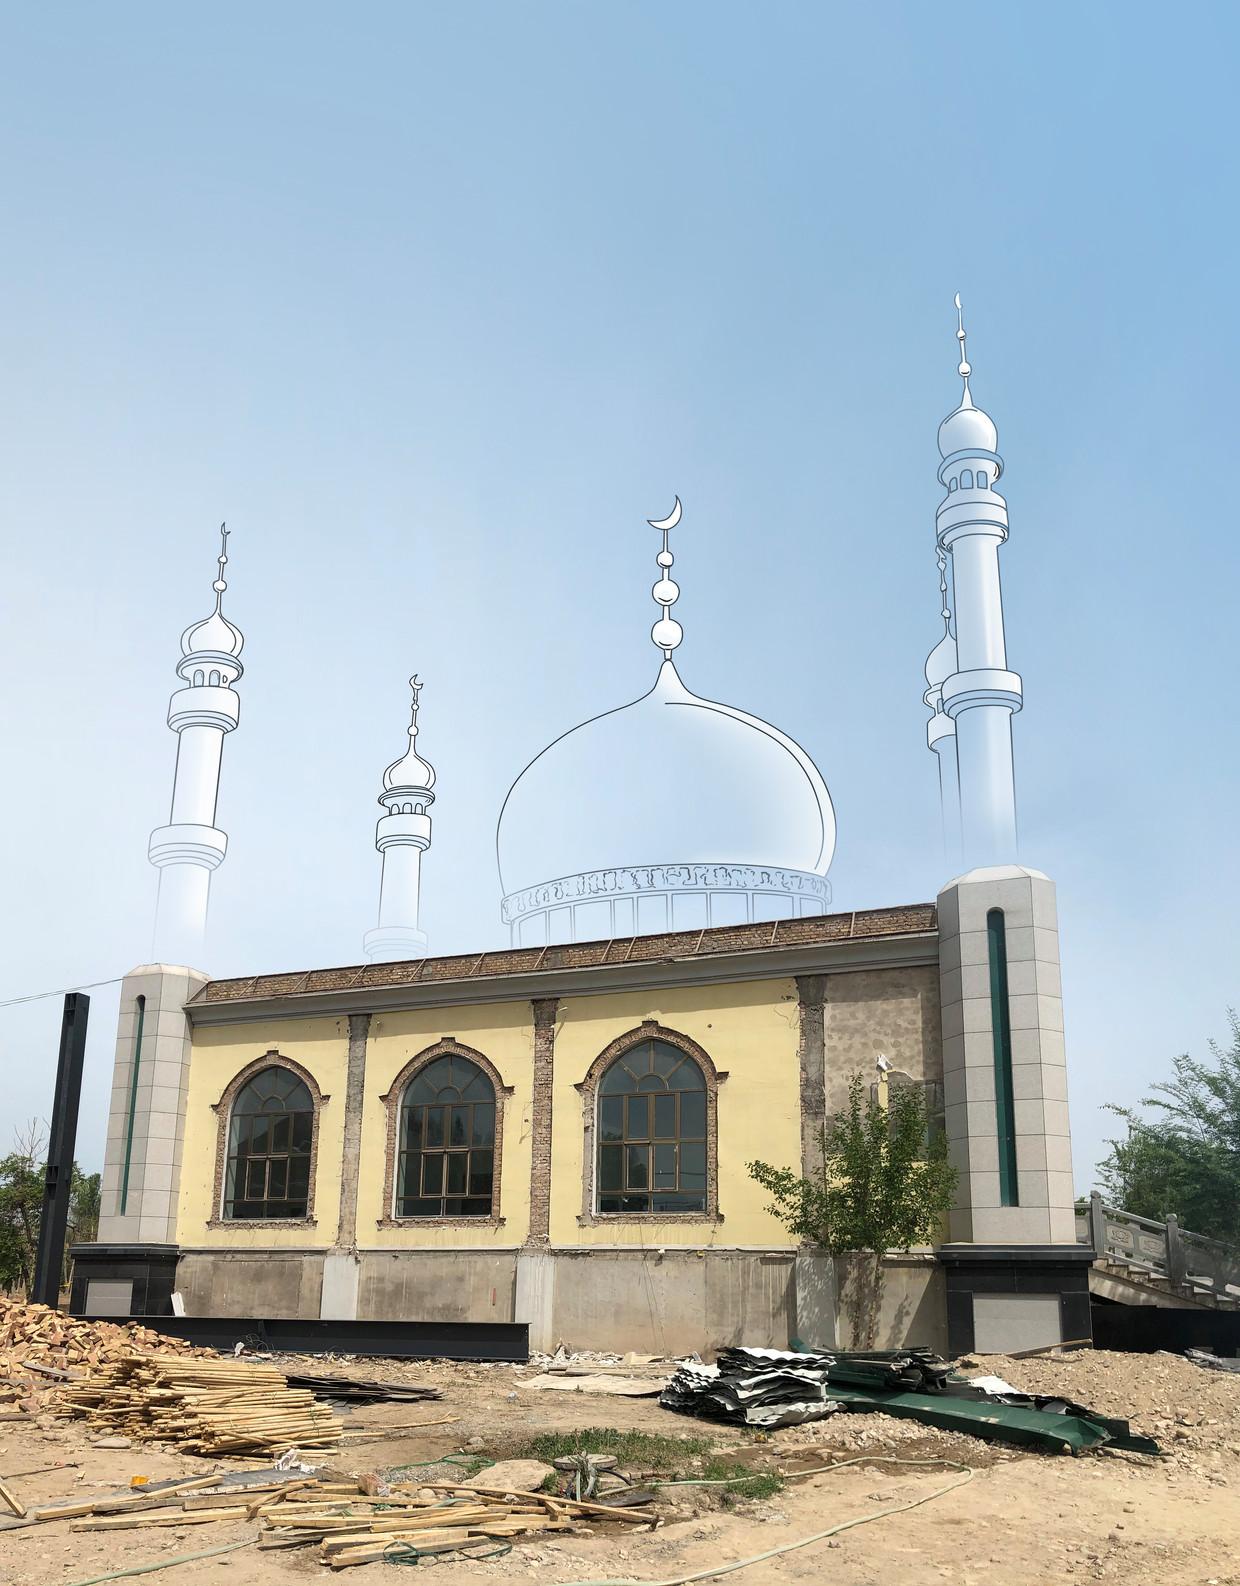 In Gongliu is na een vernietigingscampagne in 2018 een grote meerderheid van alle moskeeën verdwenen. Deze moskee is gestript en wordt onderdeel van een overheidsgebouw. Beeld Foto Leen Vervaeke / Illustratie Marco Stoker